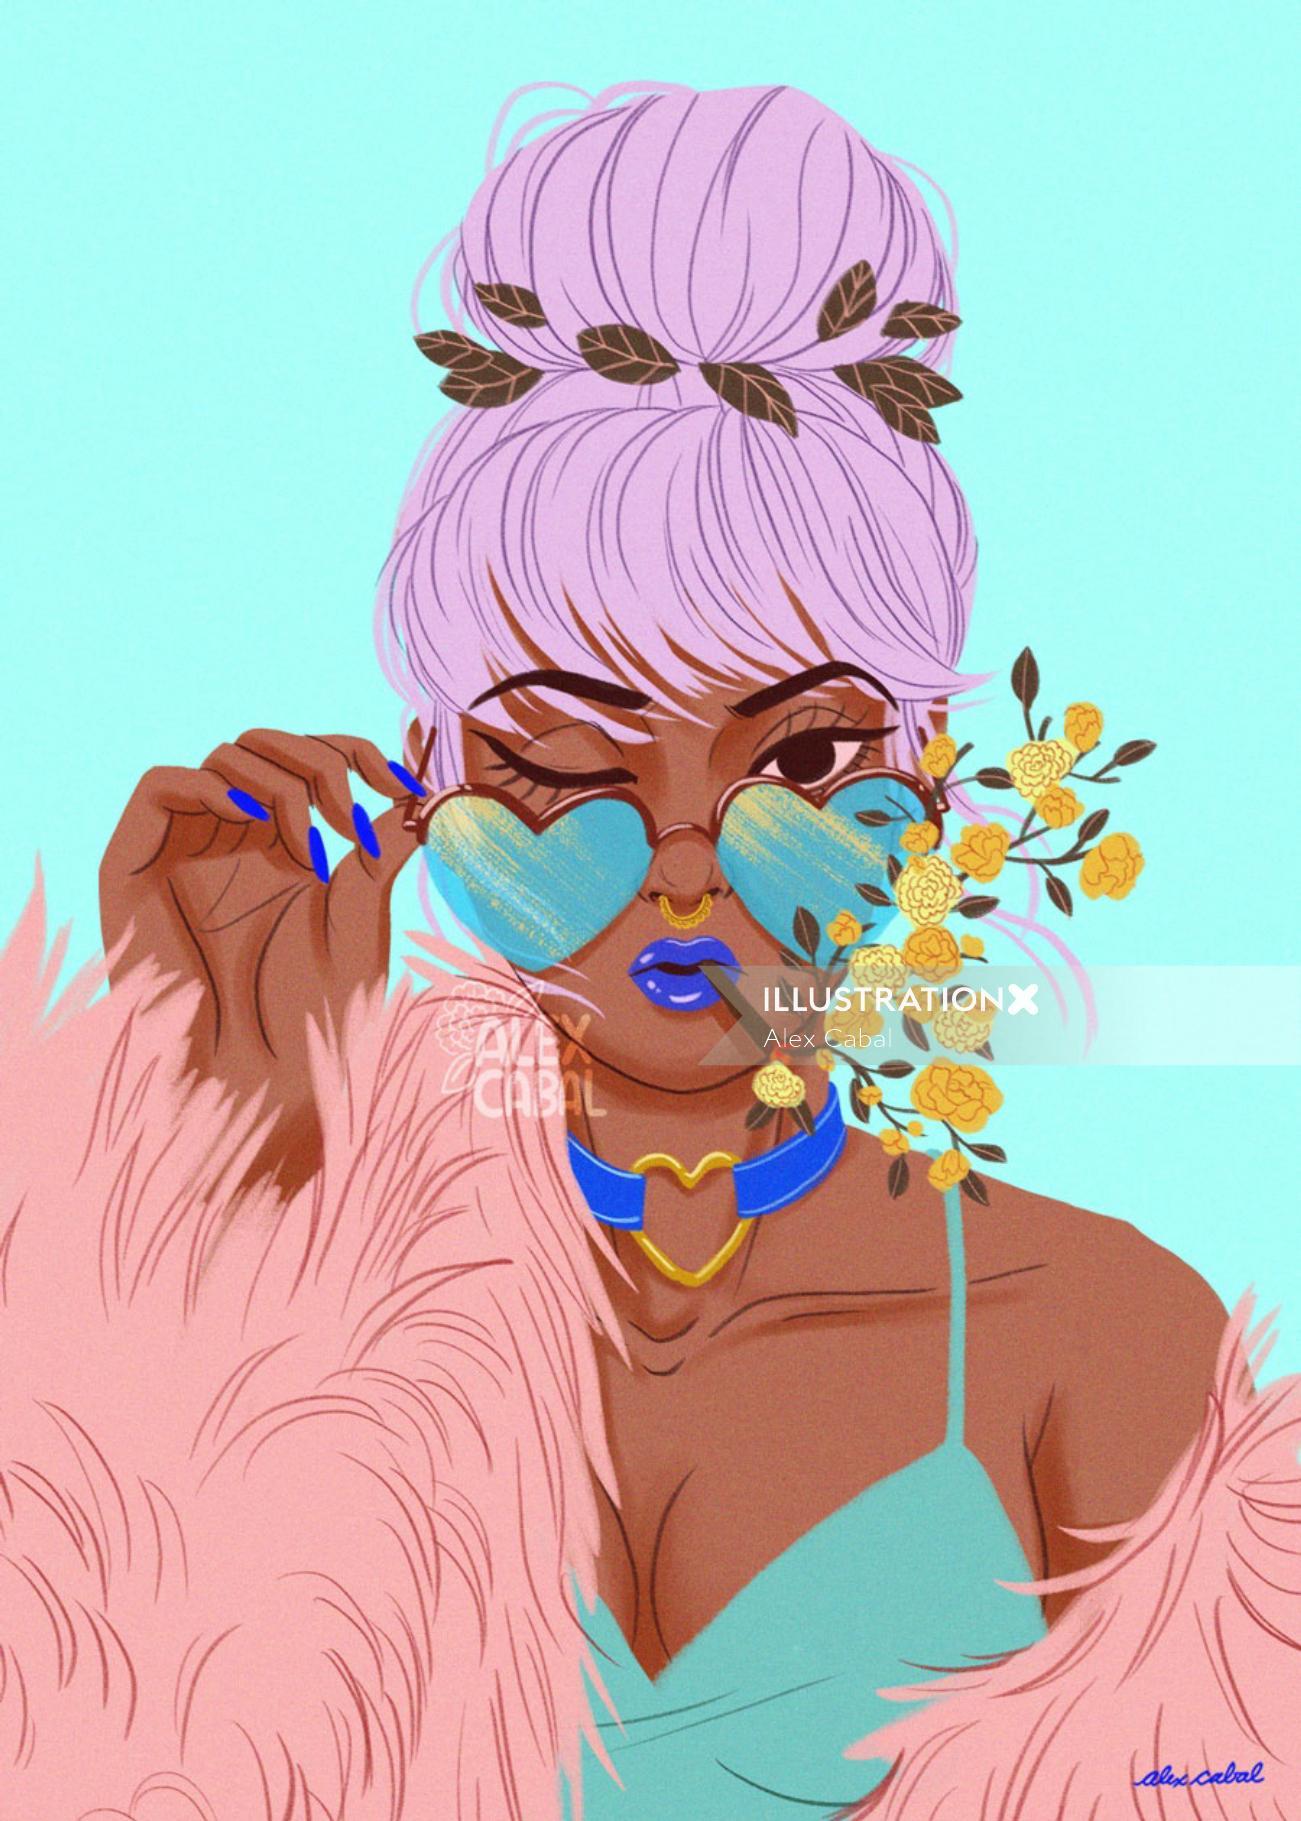 illustration of Floral Girl